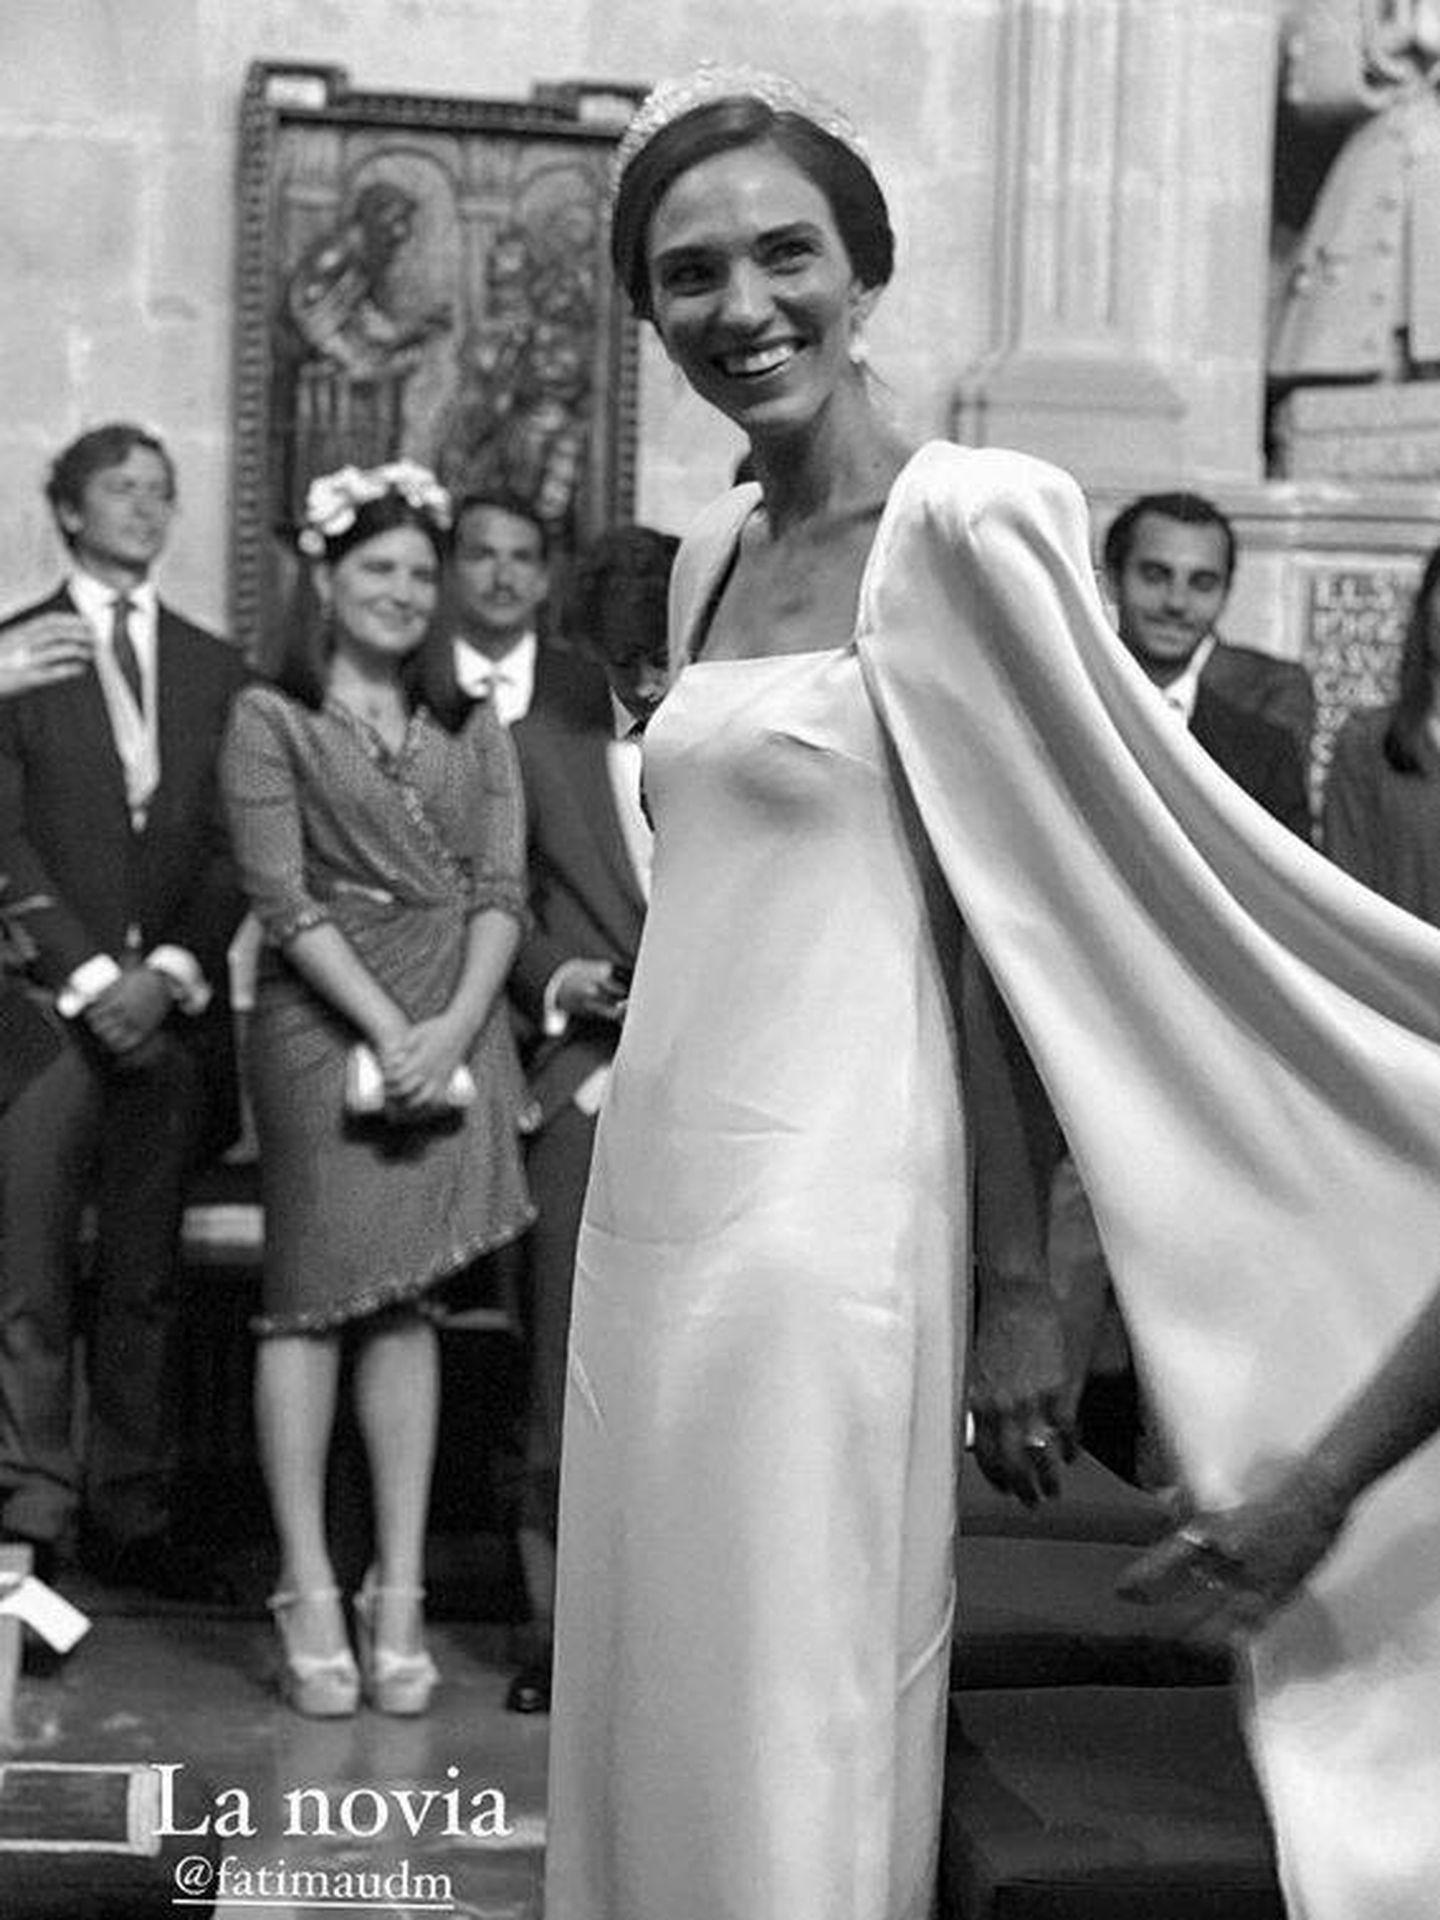 Fátima, nuera de Cristina Yanes, el día de su boda. (@luciapombo)